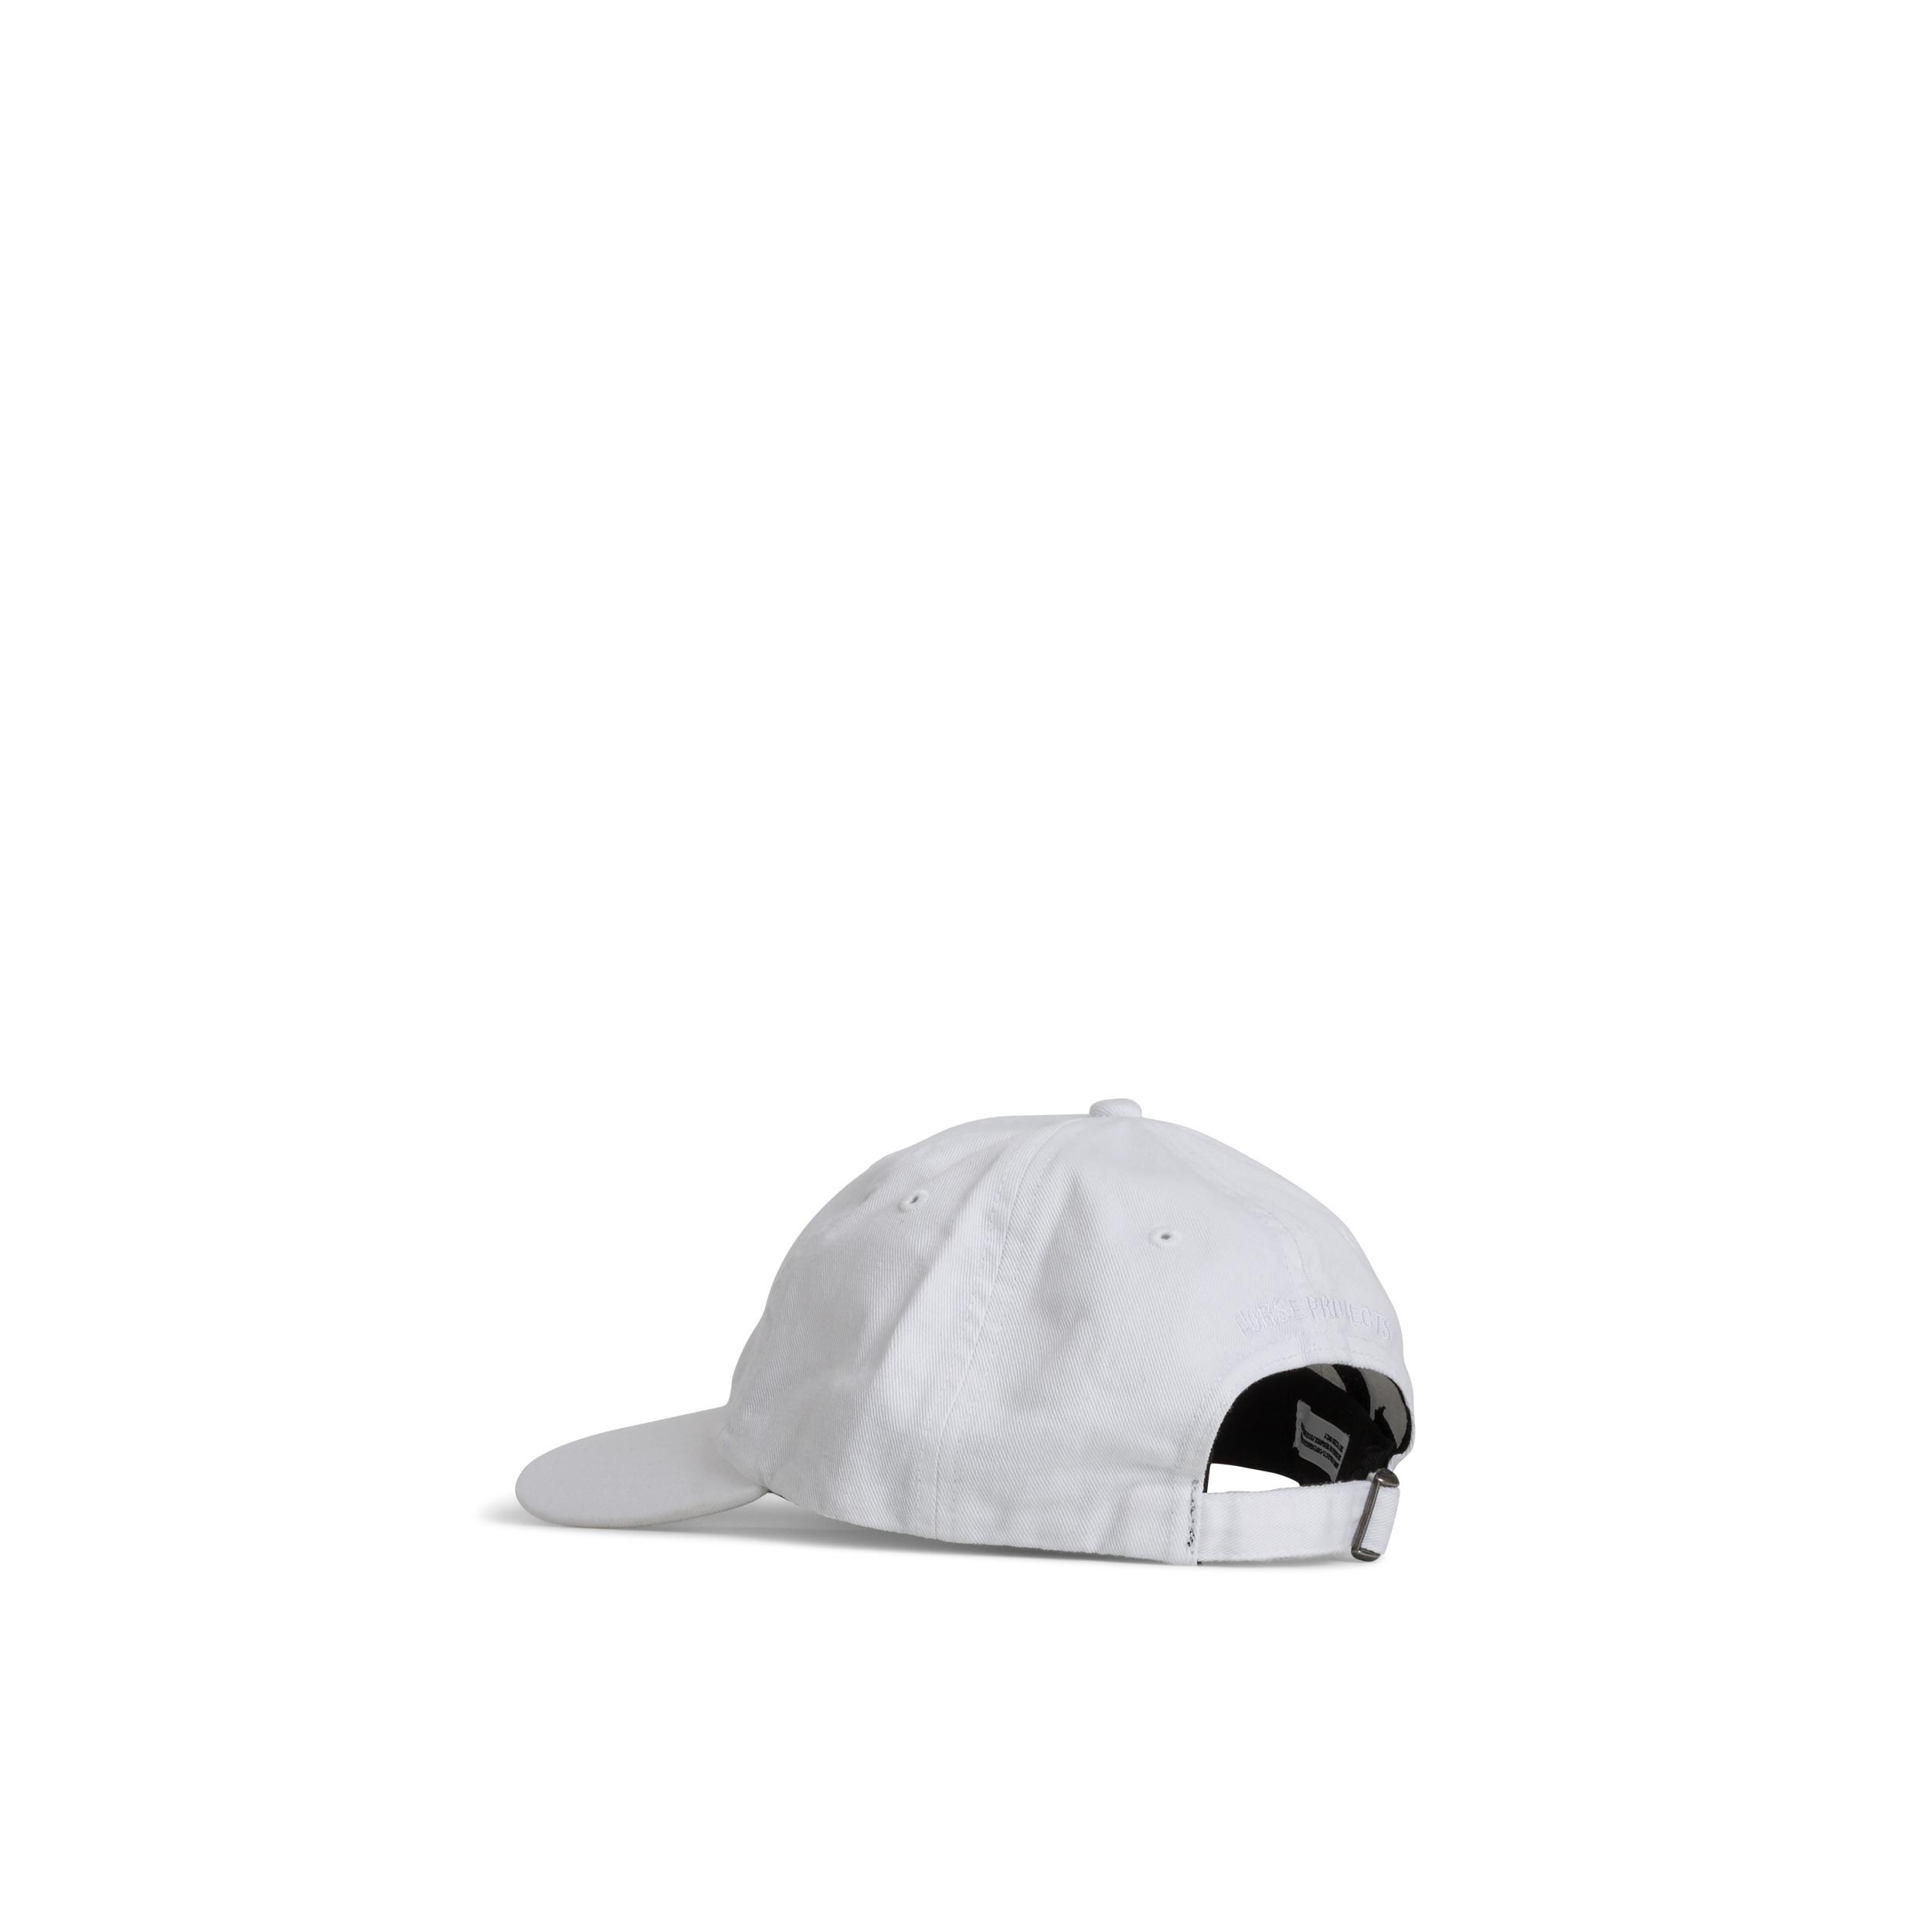 160b888e217 Light Twill Sports Cap